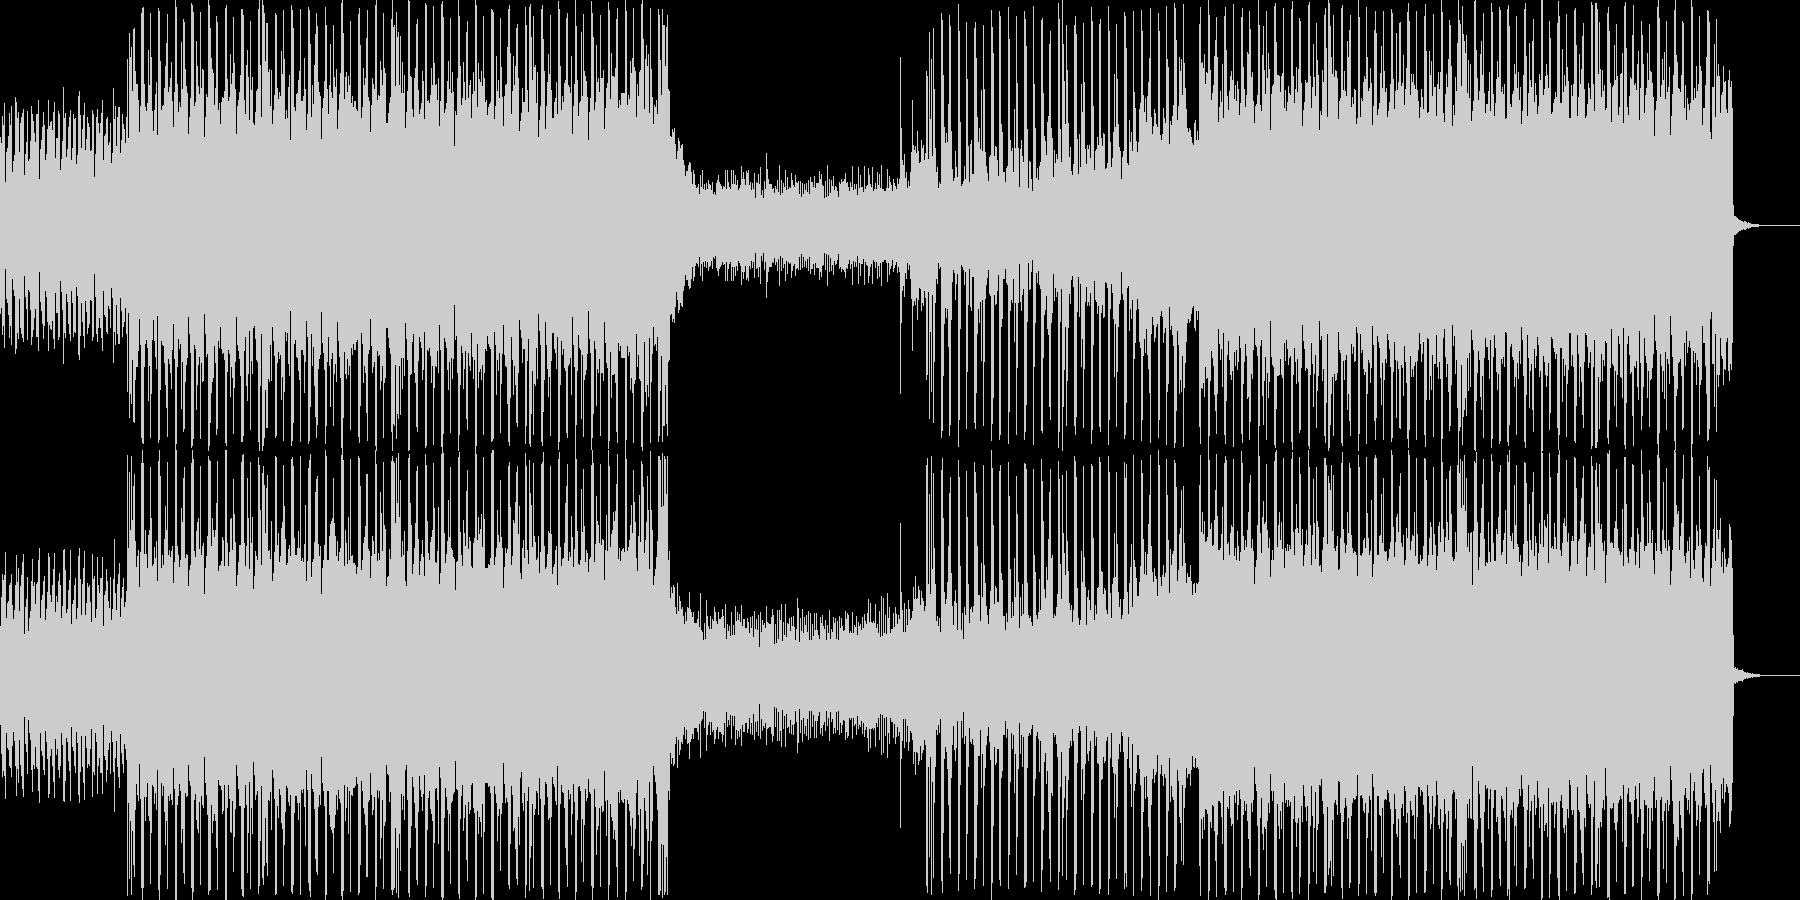 #ハード #エレクトロ #ヒップホップの未再生の波形